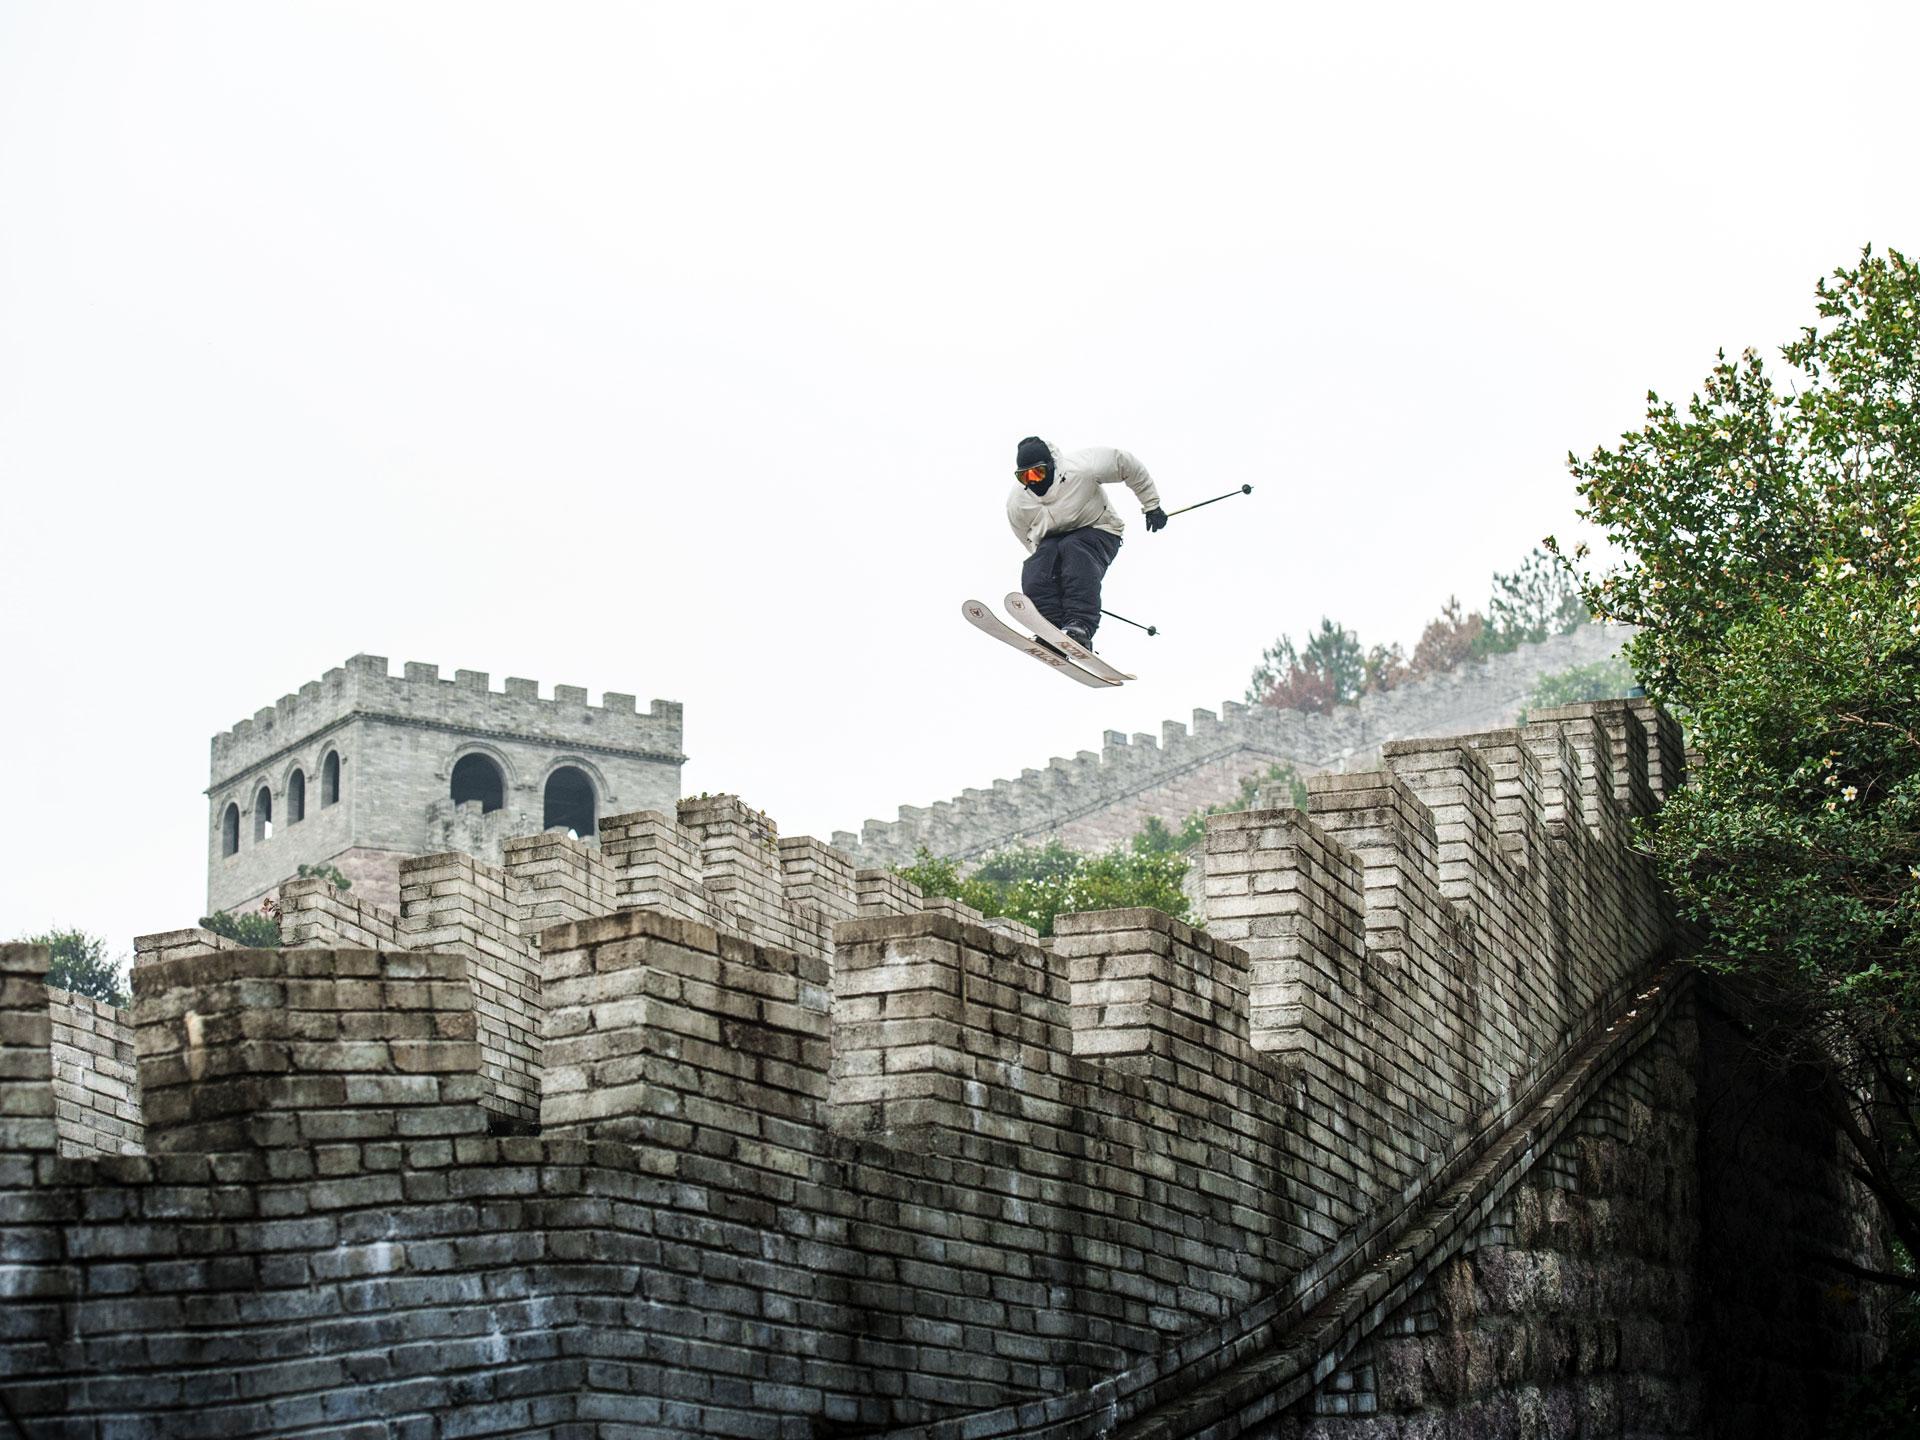 Una de las acciones más impactantes del freerider: saltos y maniobras en la Gran Muralla China.